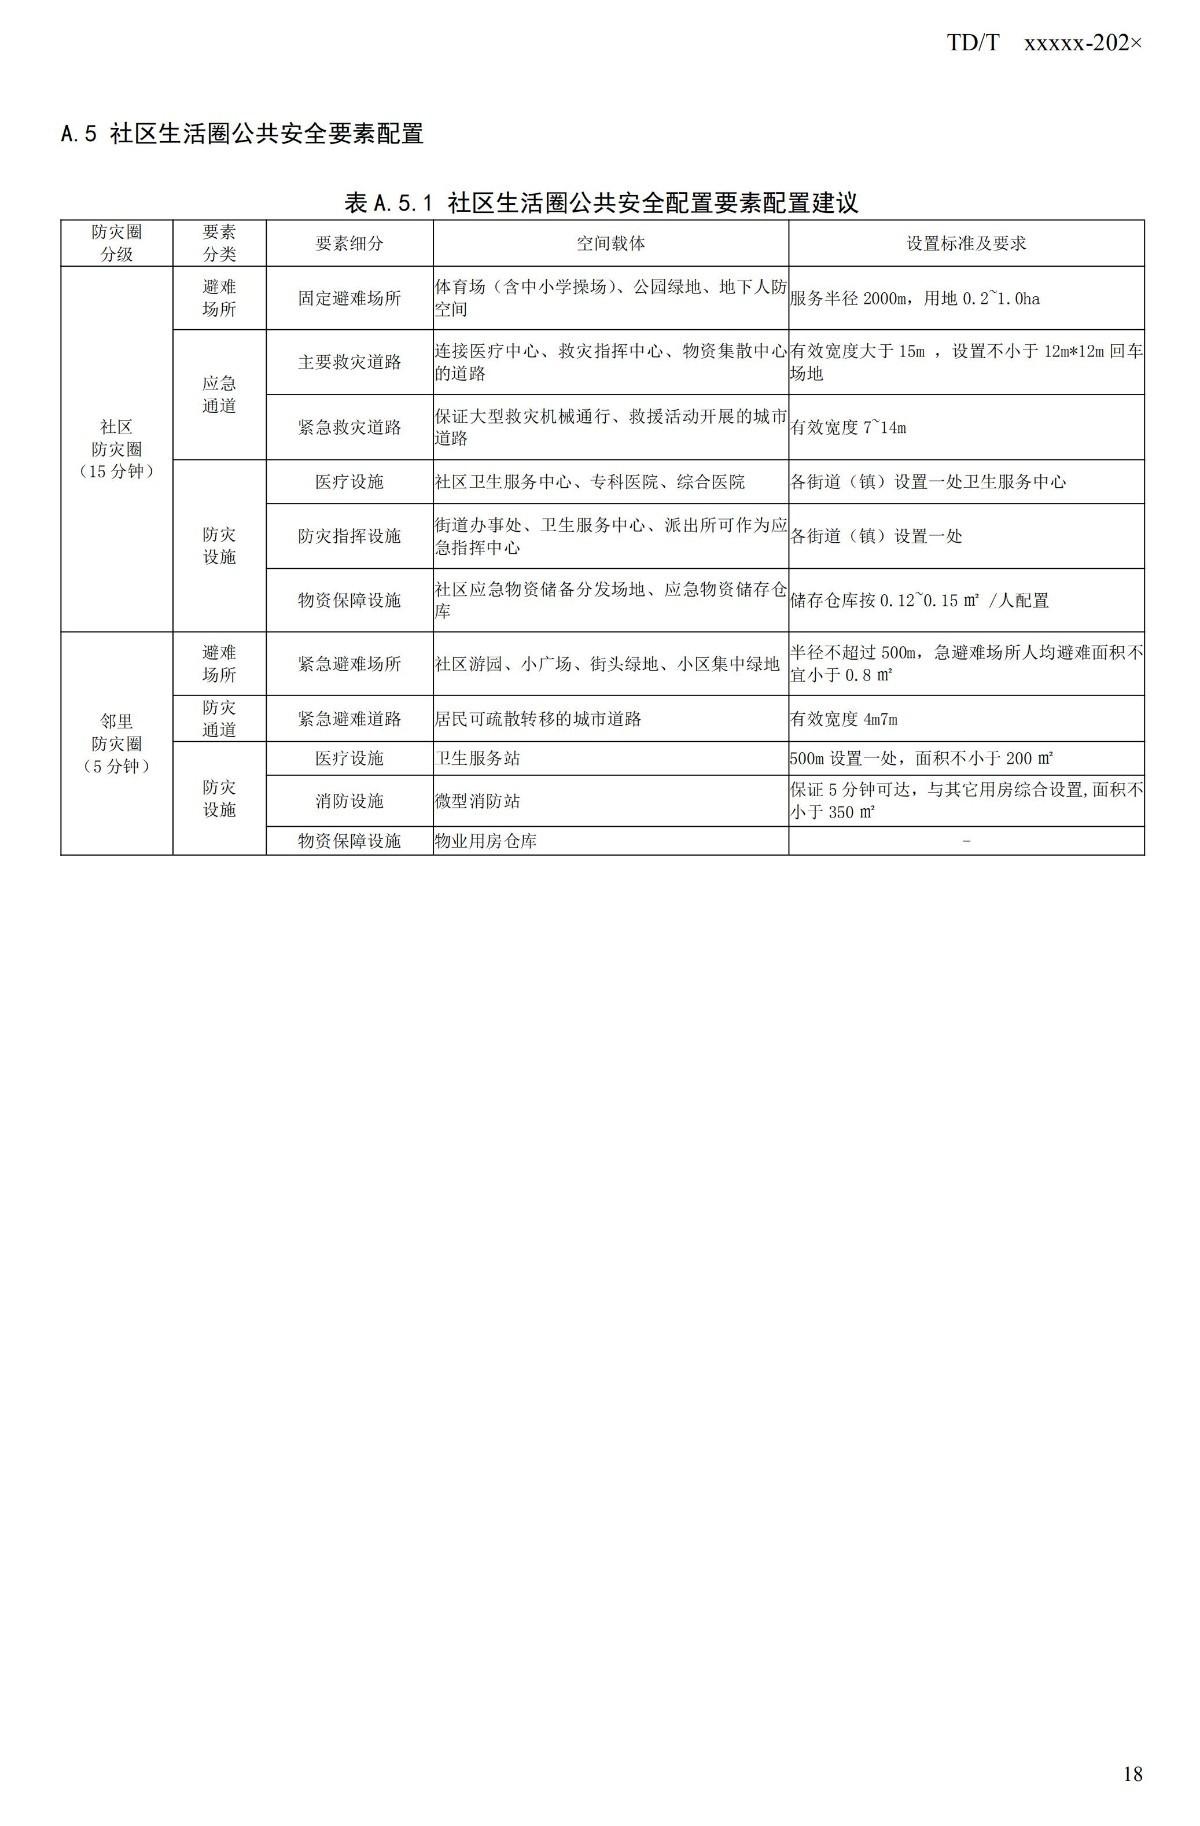 20_WD_240432_社区生活圈规划技术指南_23.jpg